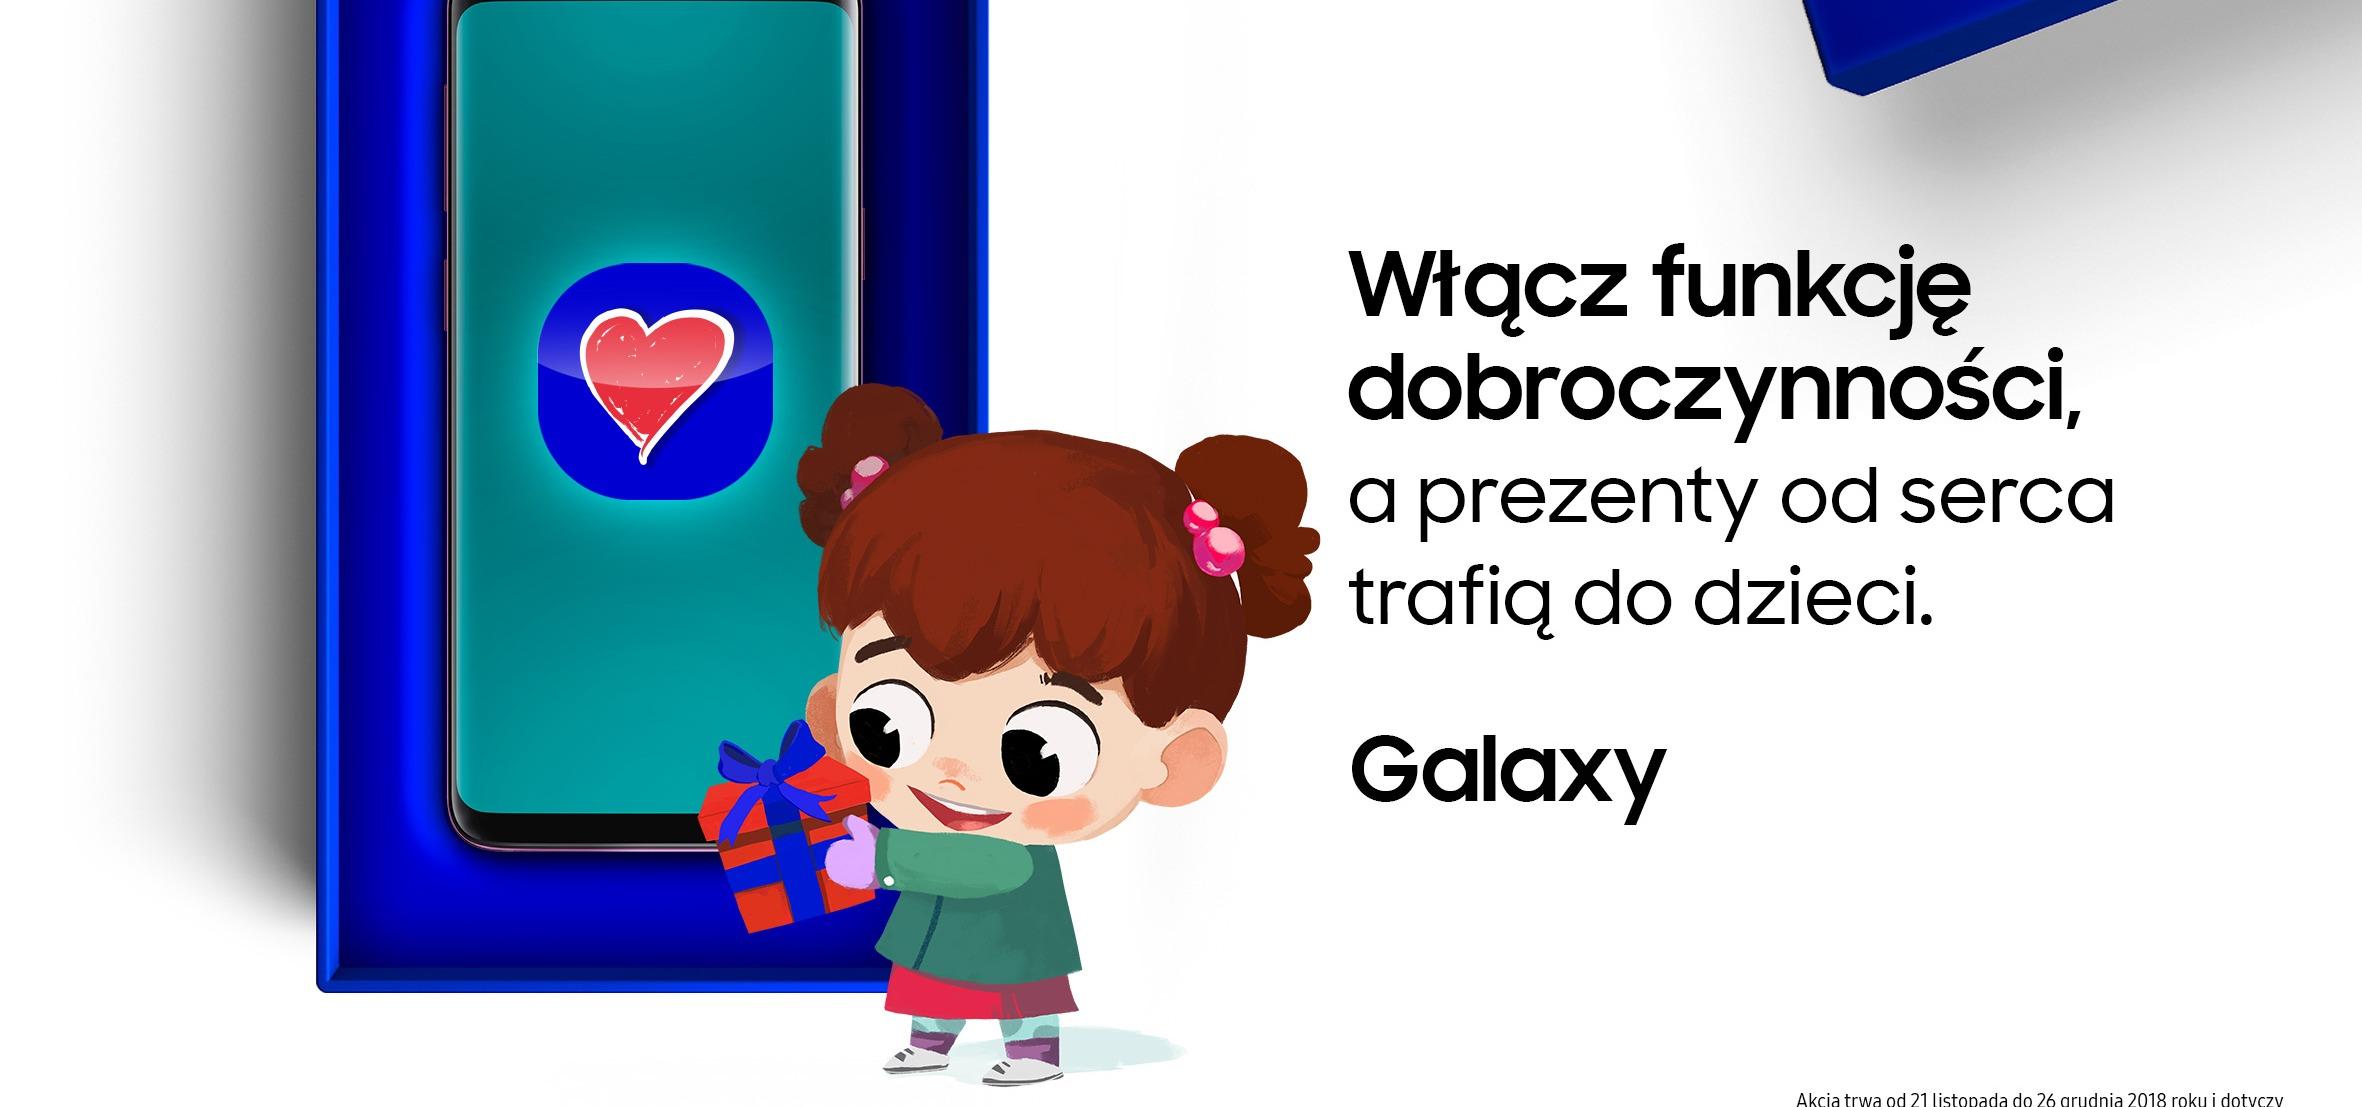 Smartfony Samsung z #FunkcjąDobroczynności – wystartowała świąteczna kampania marki